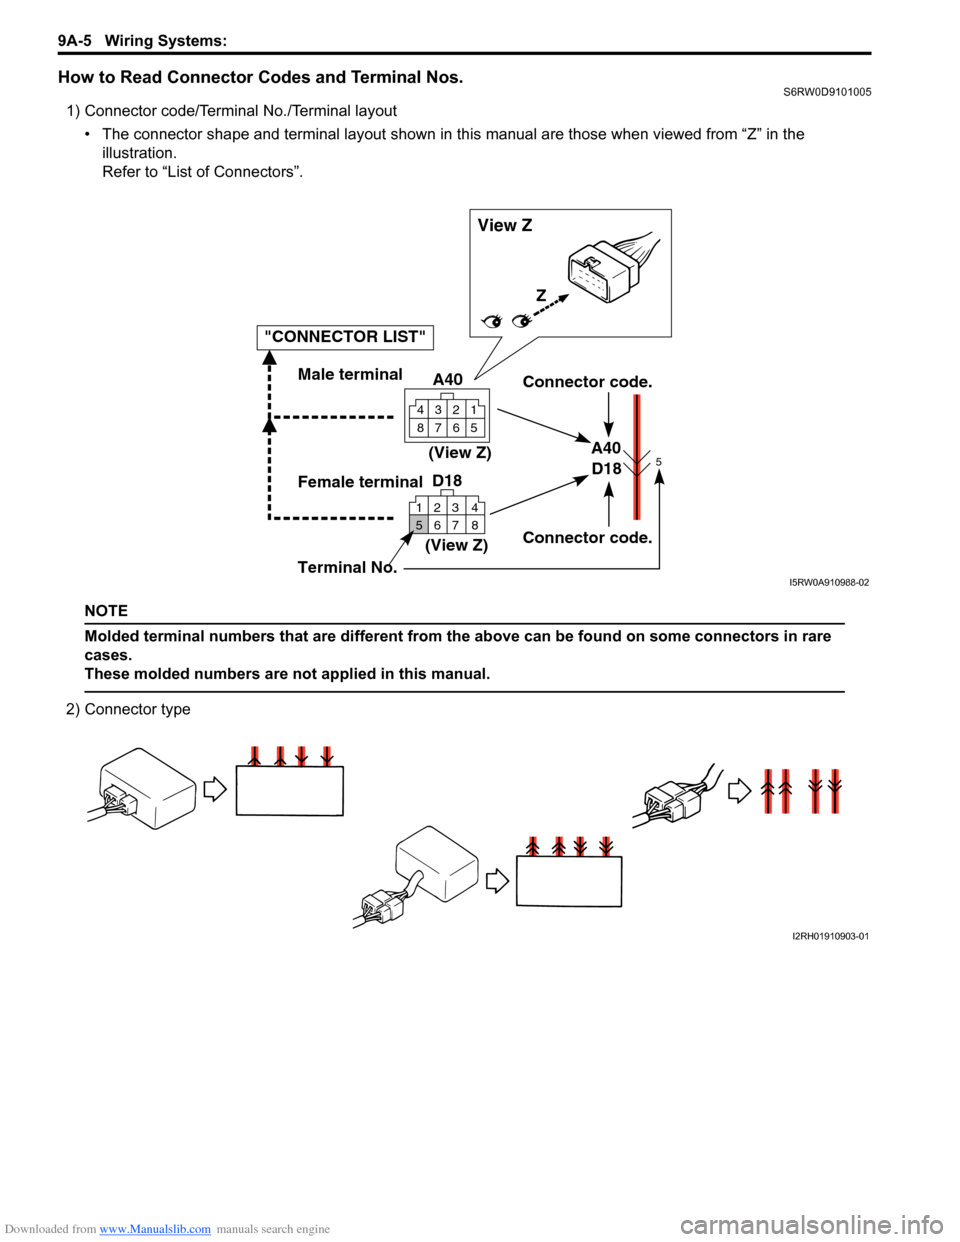 medium resolution of suzuki sx4 2006 1 g service workshop manual page 1172